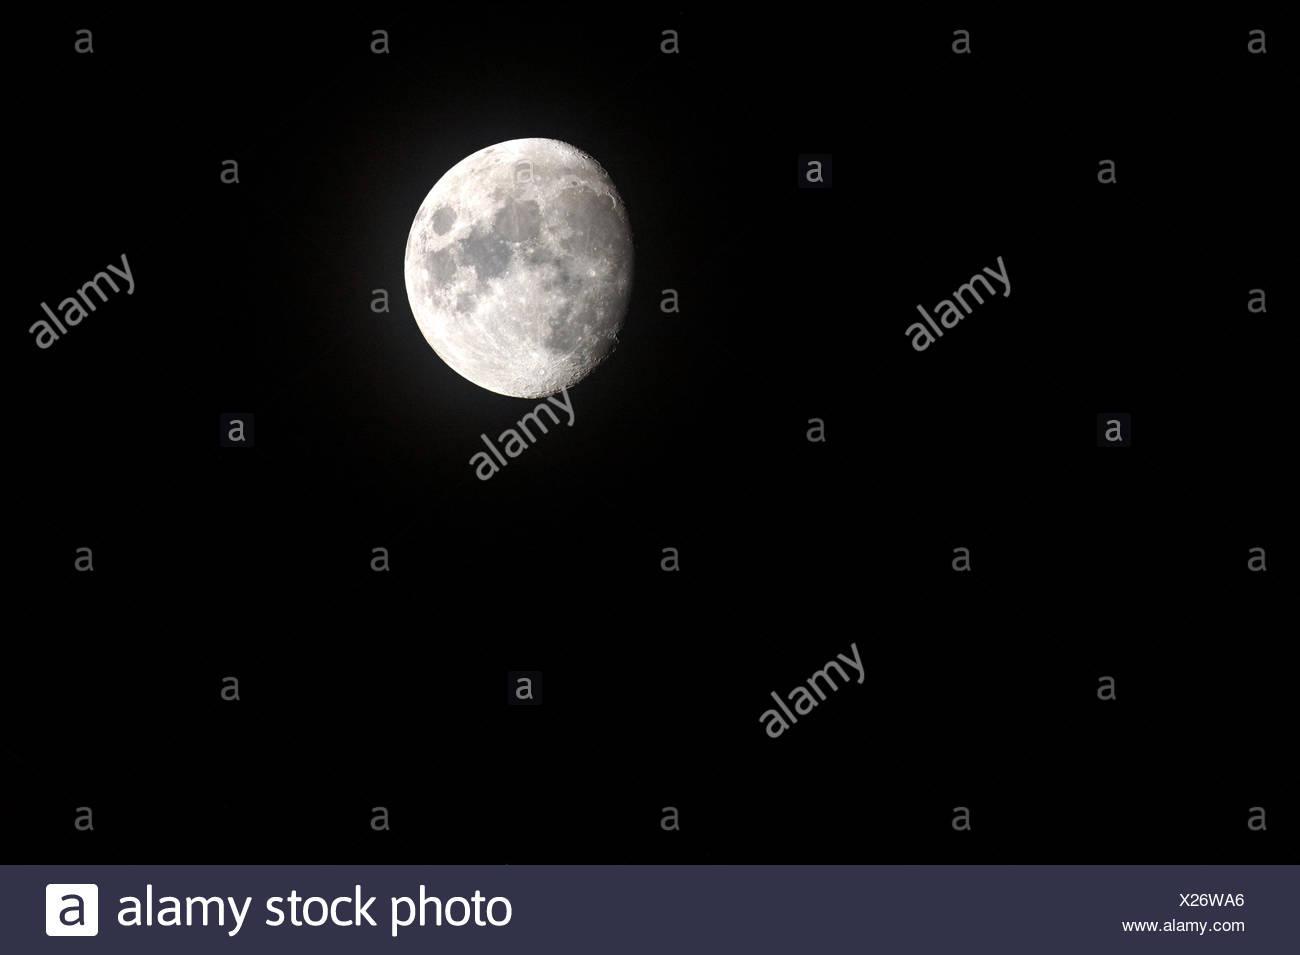 La taille de trois quarts, la Lune montrant des paysages lunaires. Photo Stock